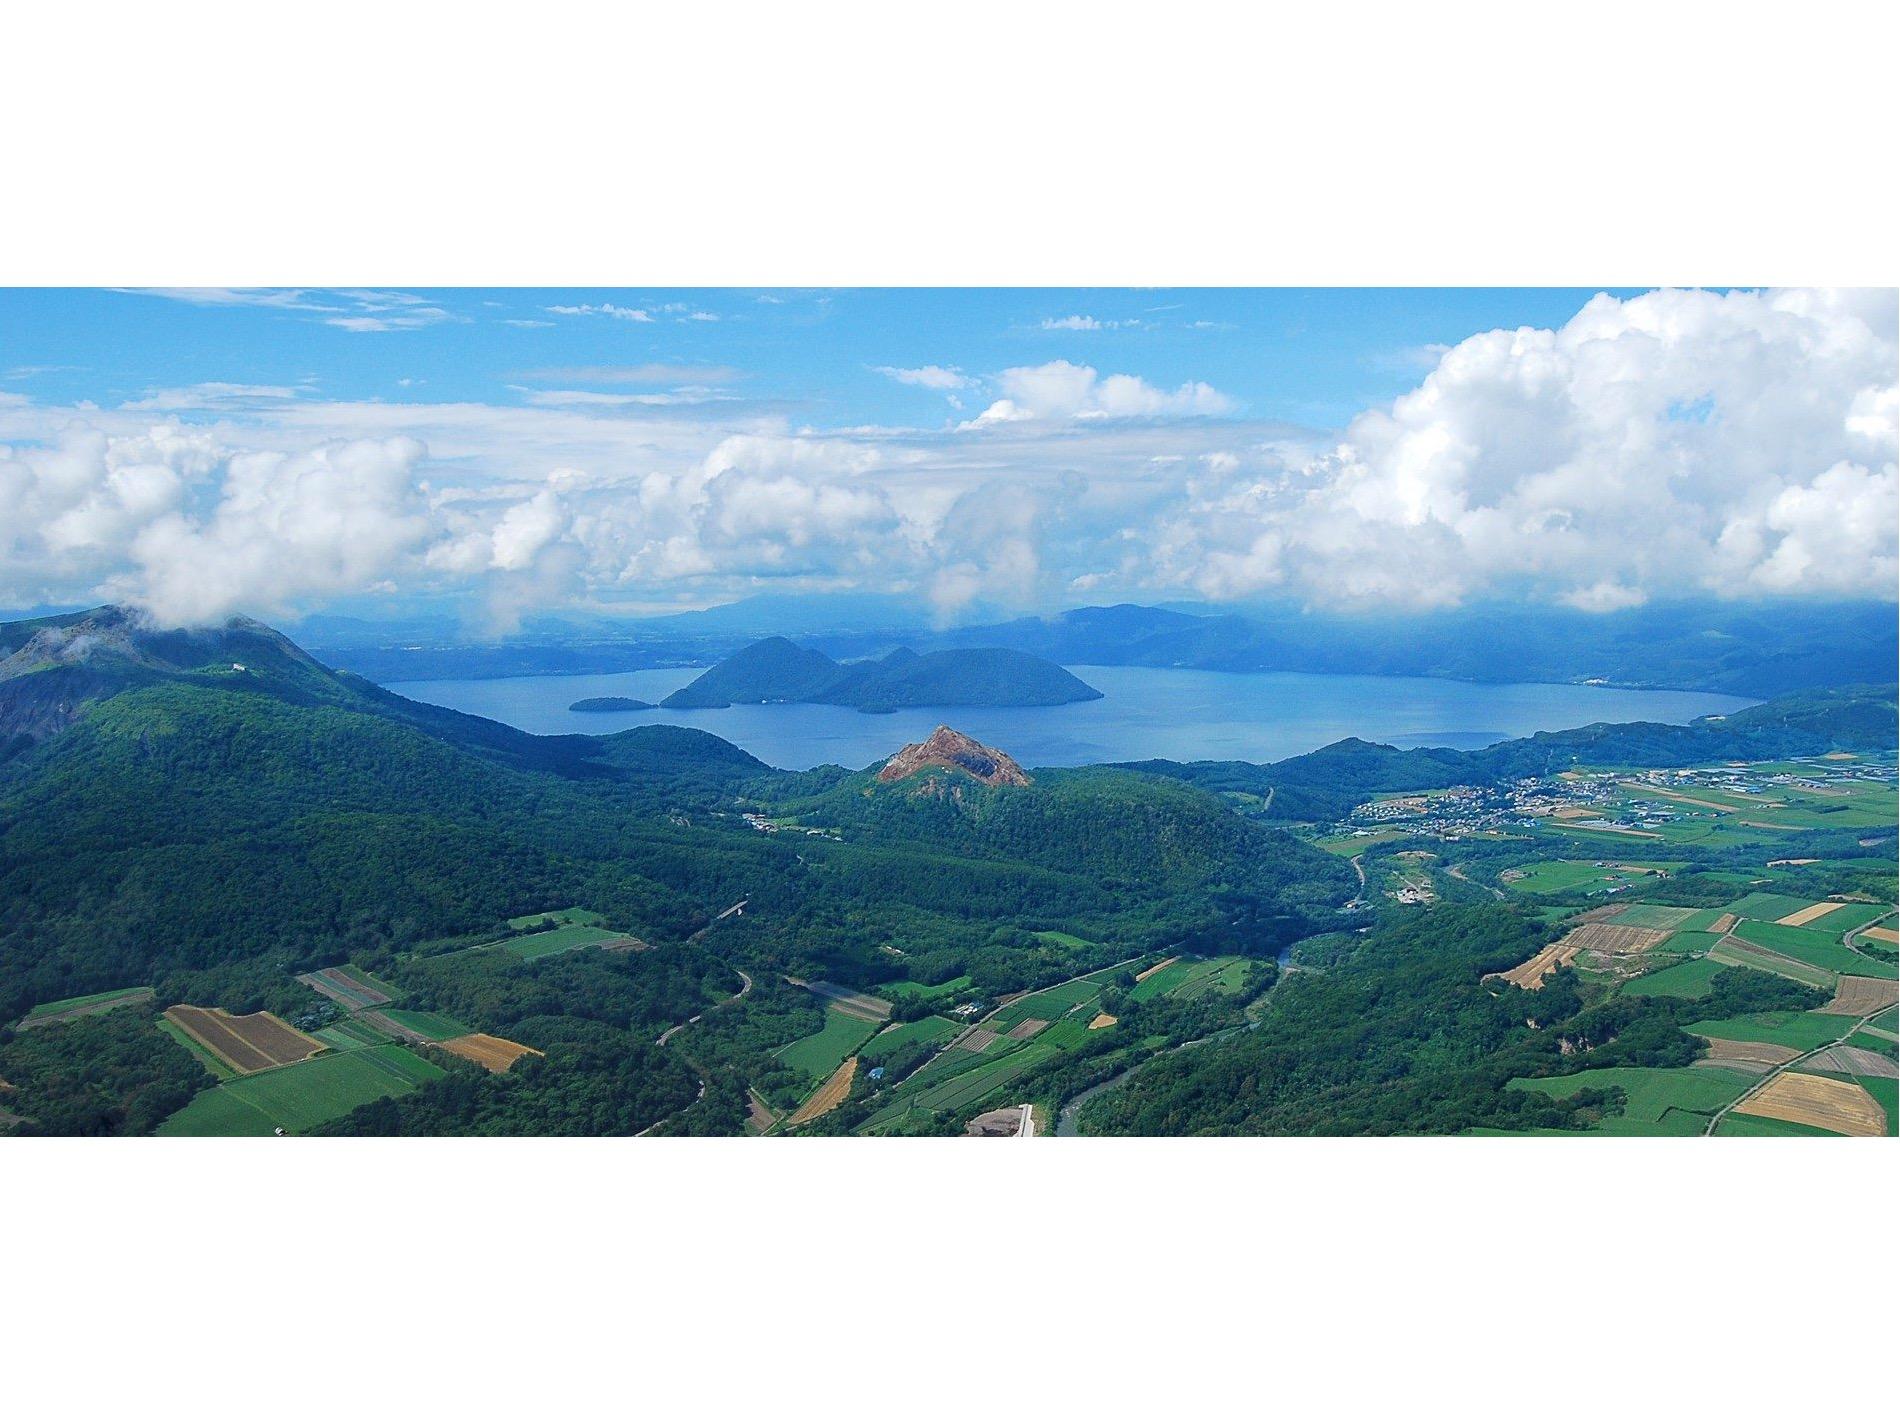 距今大約11萬年前,因大規模的火山噴發而誕生的洞爺湖(Lake Toya)。左邊的有珠山則是從數萬前開始不斷發生噴發的活火山,最近數十年間也仍有噴發的活動。有珠山的山腳附近也有火山噴發形成的昭和新山。photo: Toya-Usu UNESCO Global Geopark Council